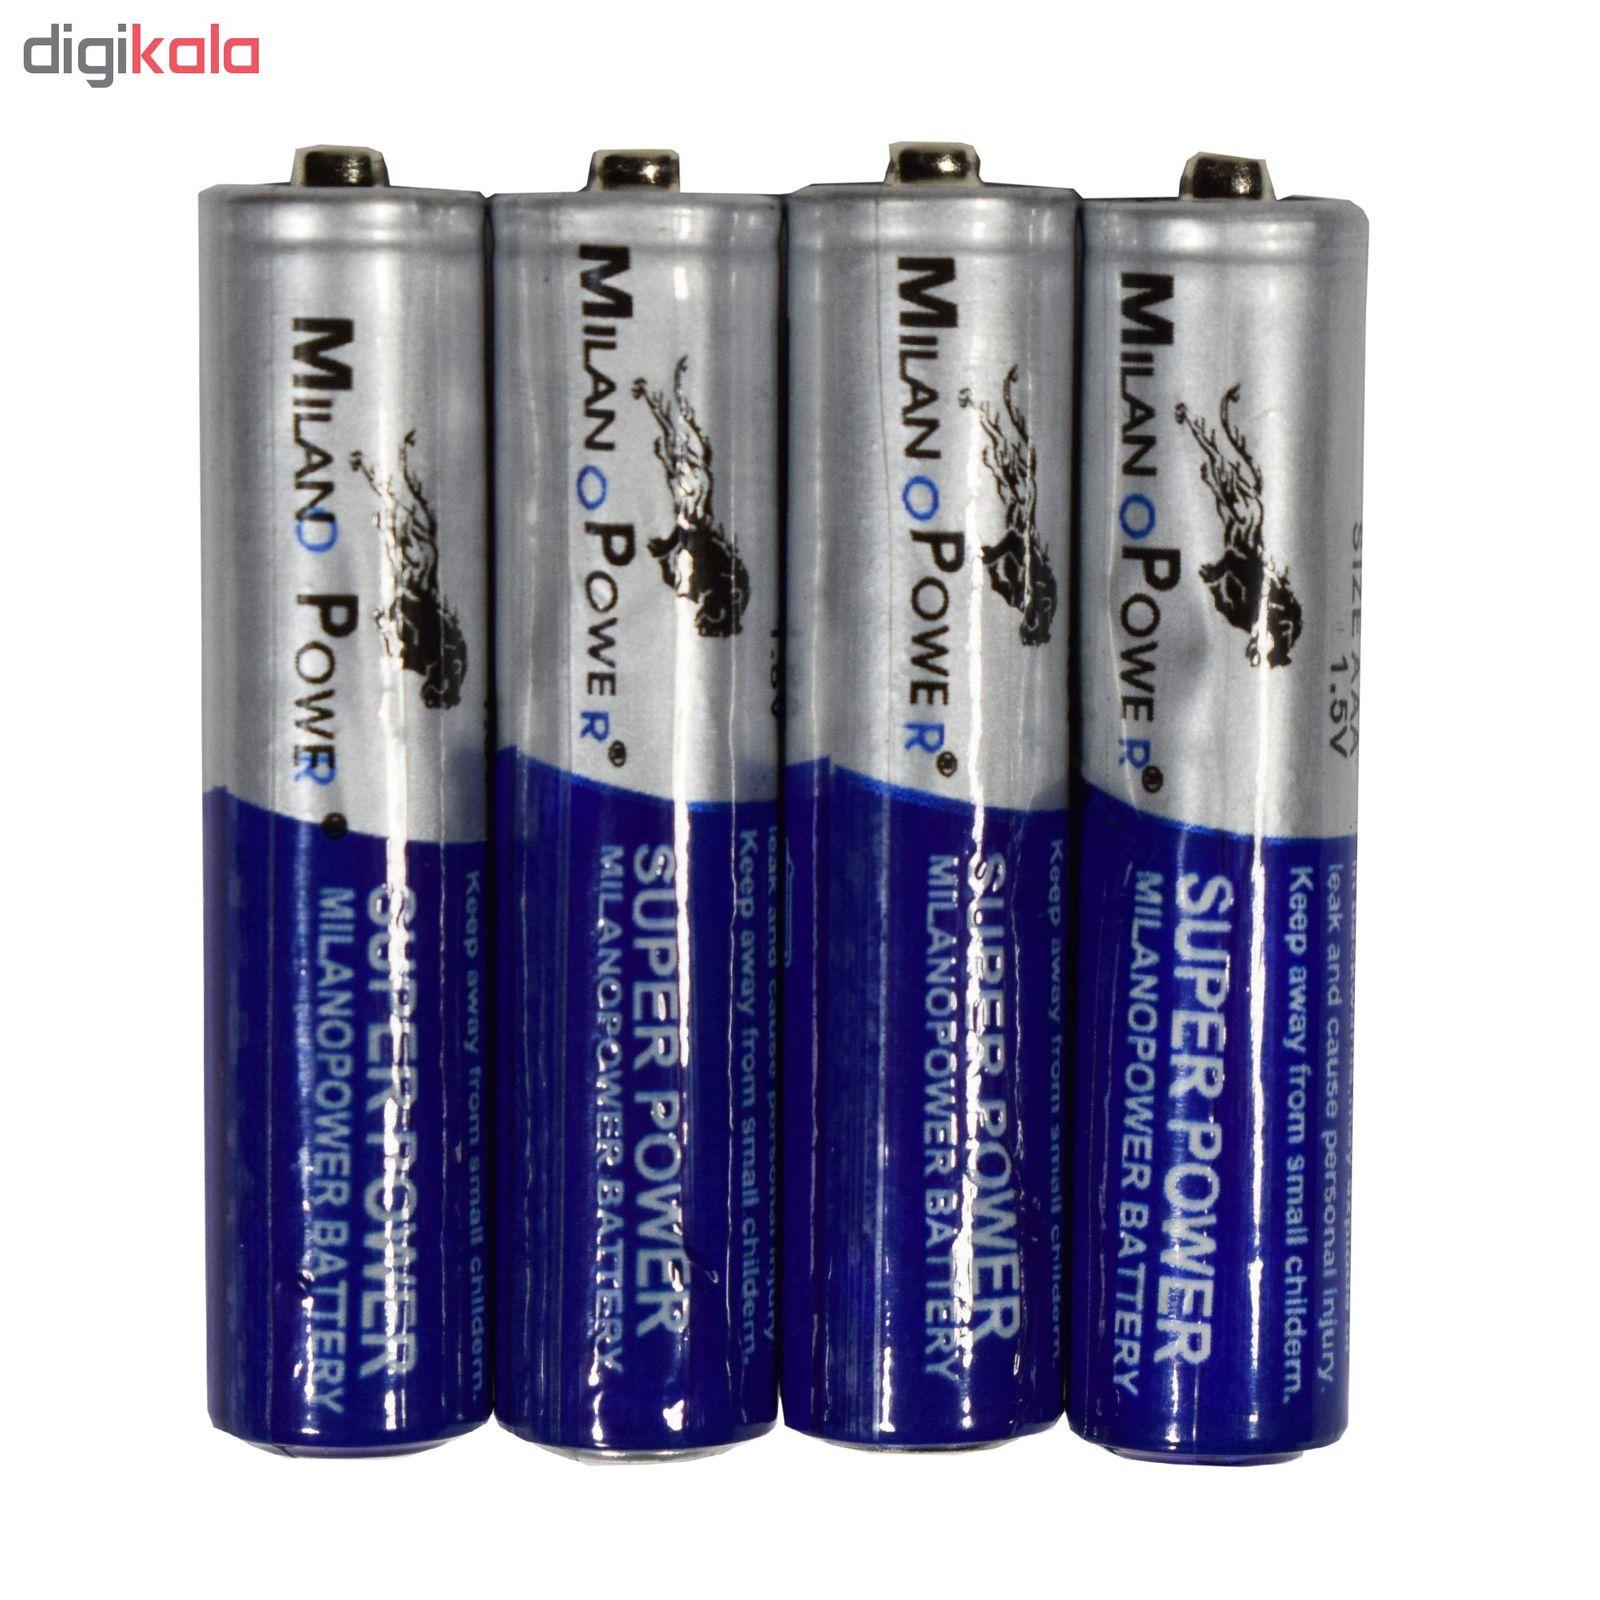 باتری نیم قلمی میلانو مدل SH:201 بسته 4 عددی main 1 3